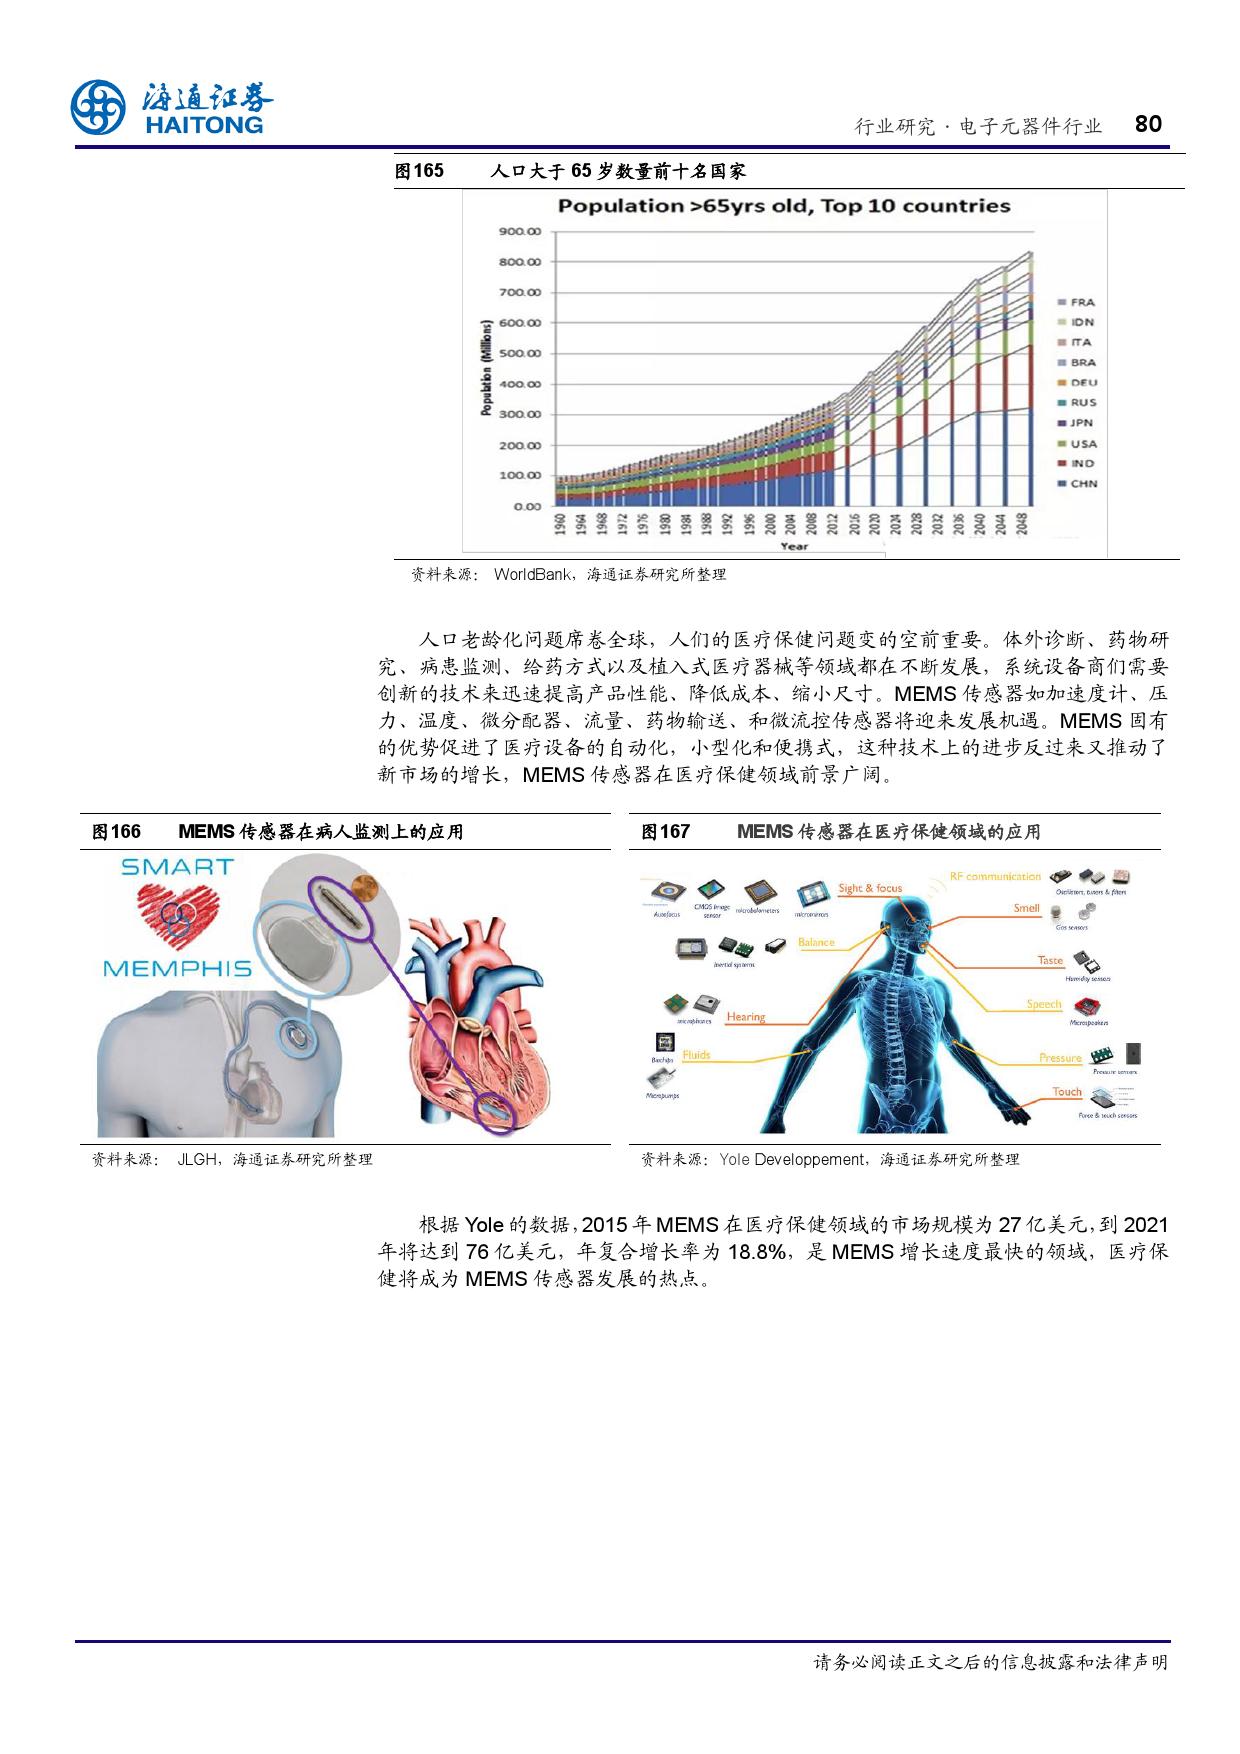 报告全解传感器全球产业链_000080